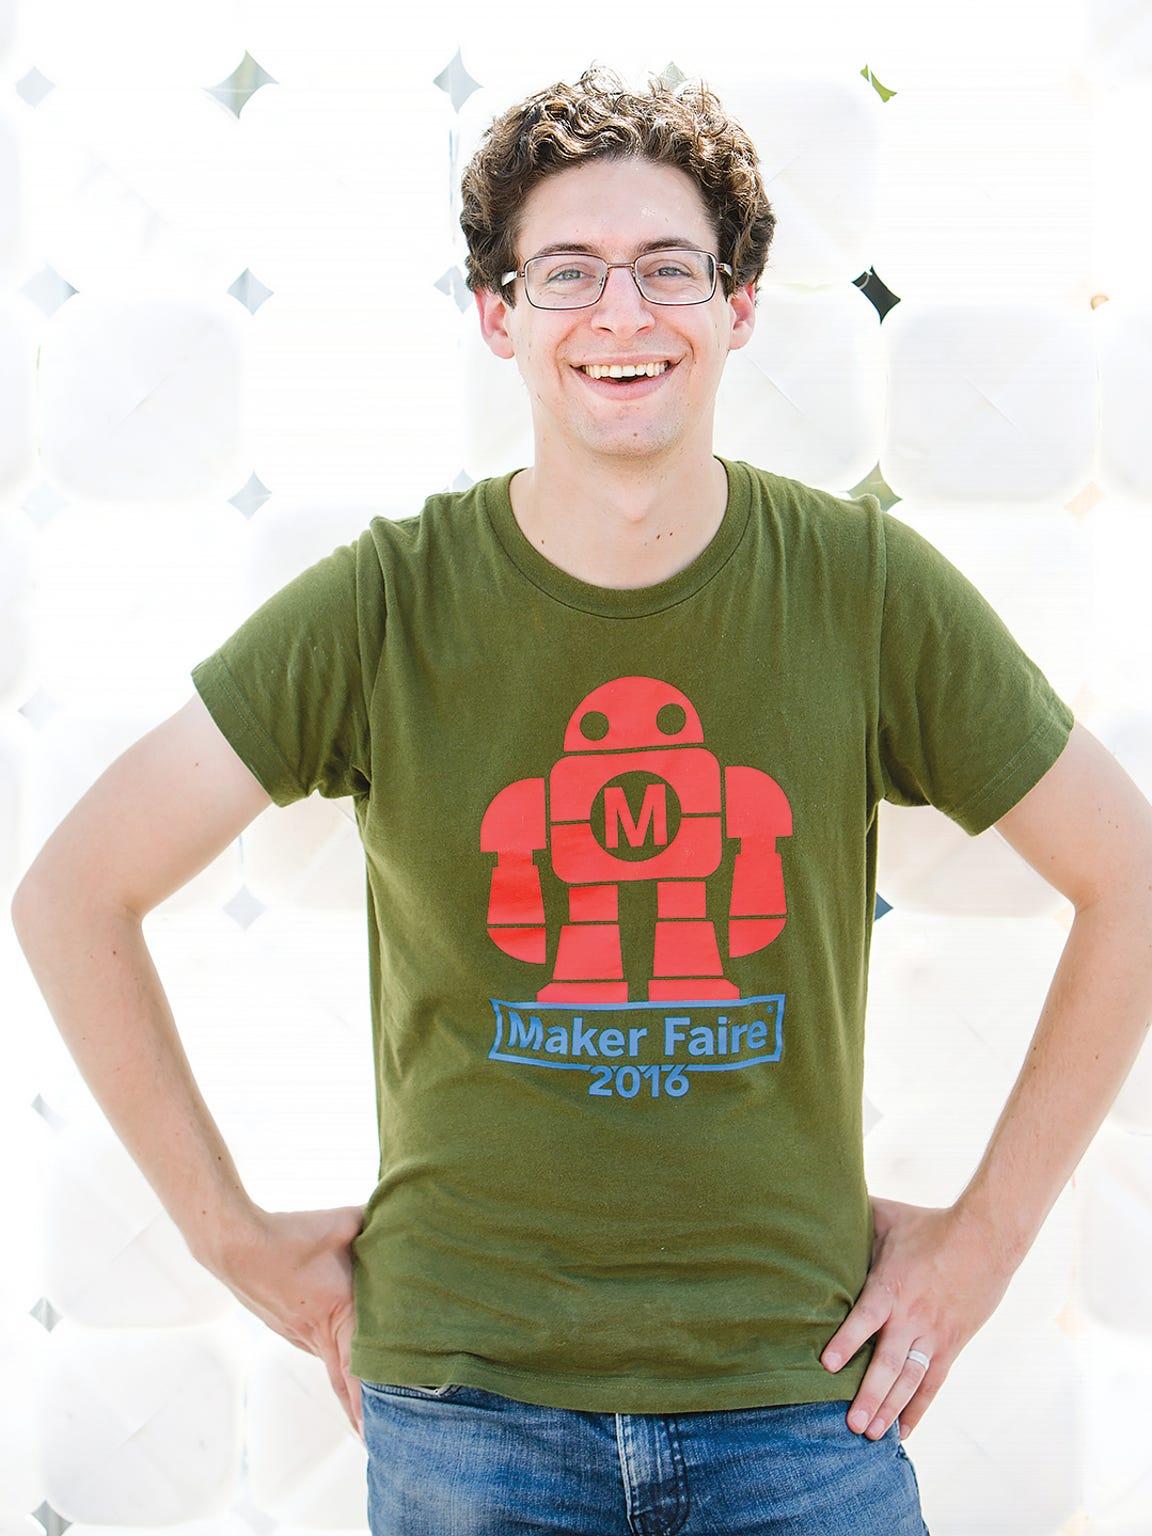 Daniel Schneiderman, a research associate at RIT, leads